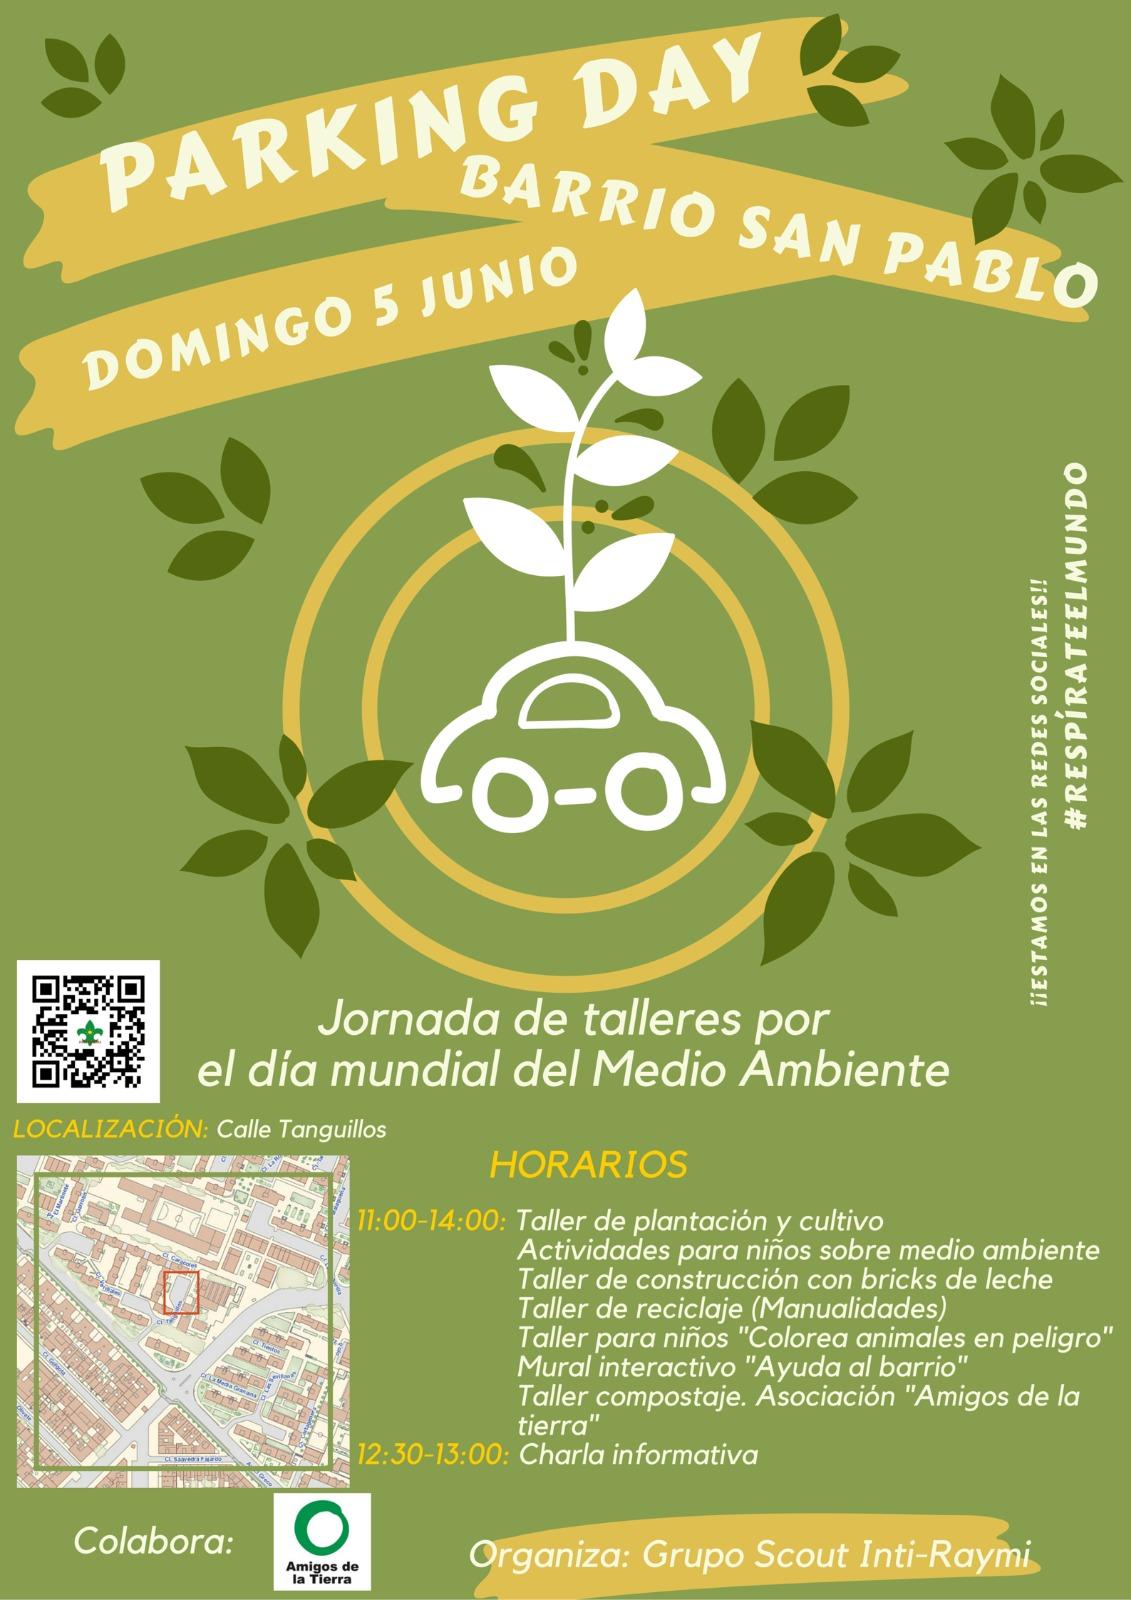 Ir a Sevilla: Parking Day para celebrar el Día del Medio Ambiente